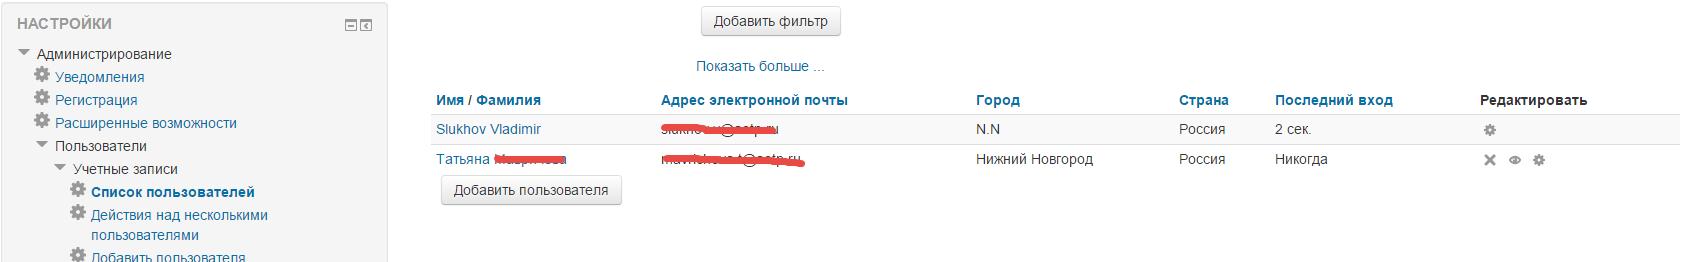 Moodle список пользователей